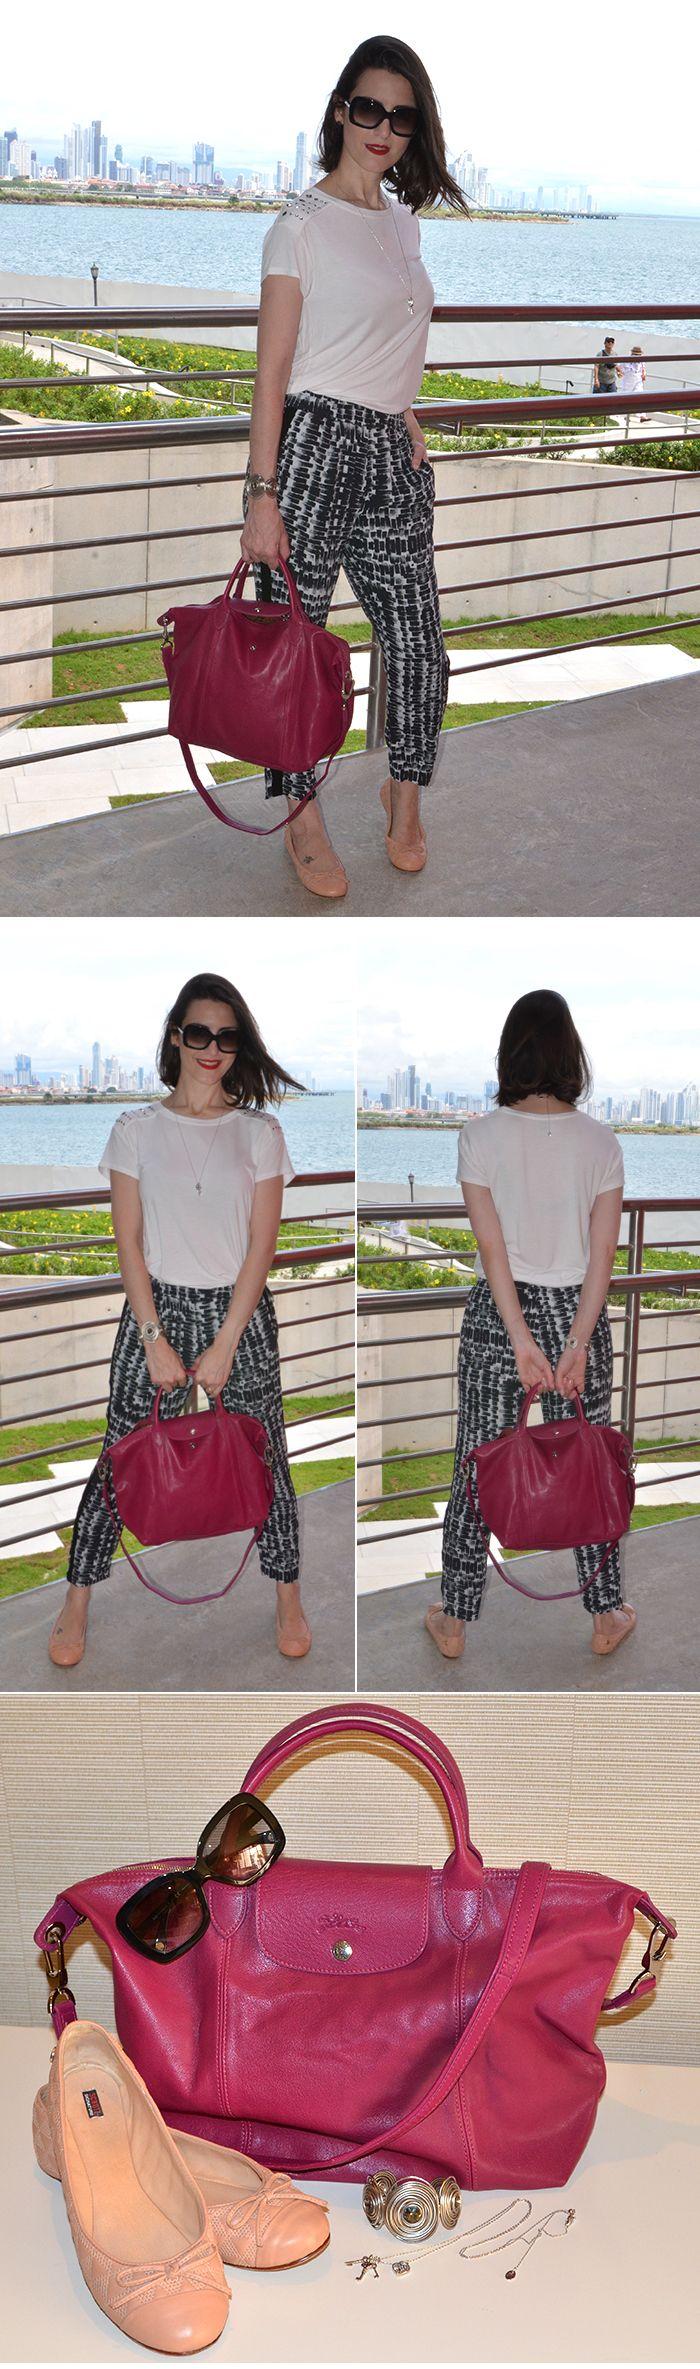 Como usar calça estampada  Look da Cinthia Ferreira do MakeUp Atelier #ModaNoMake